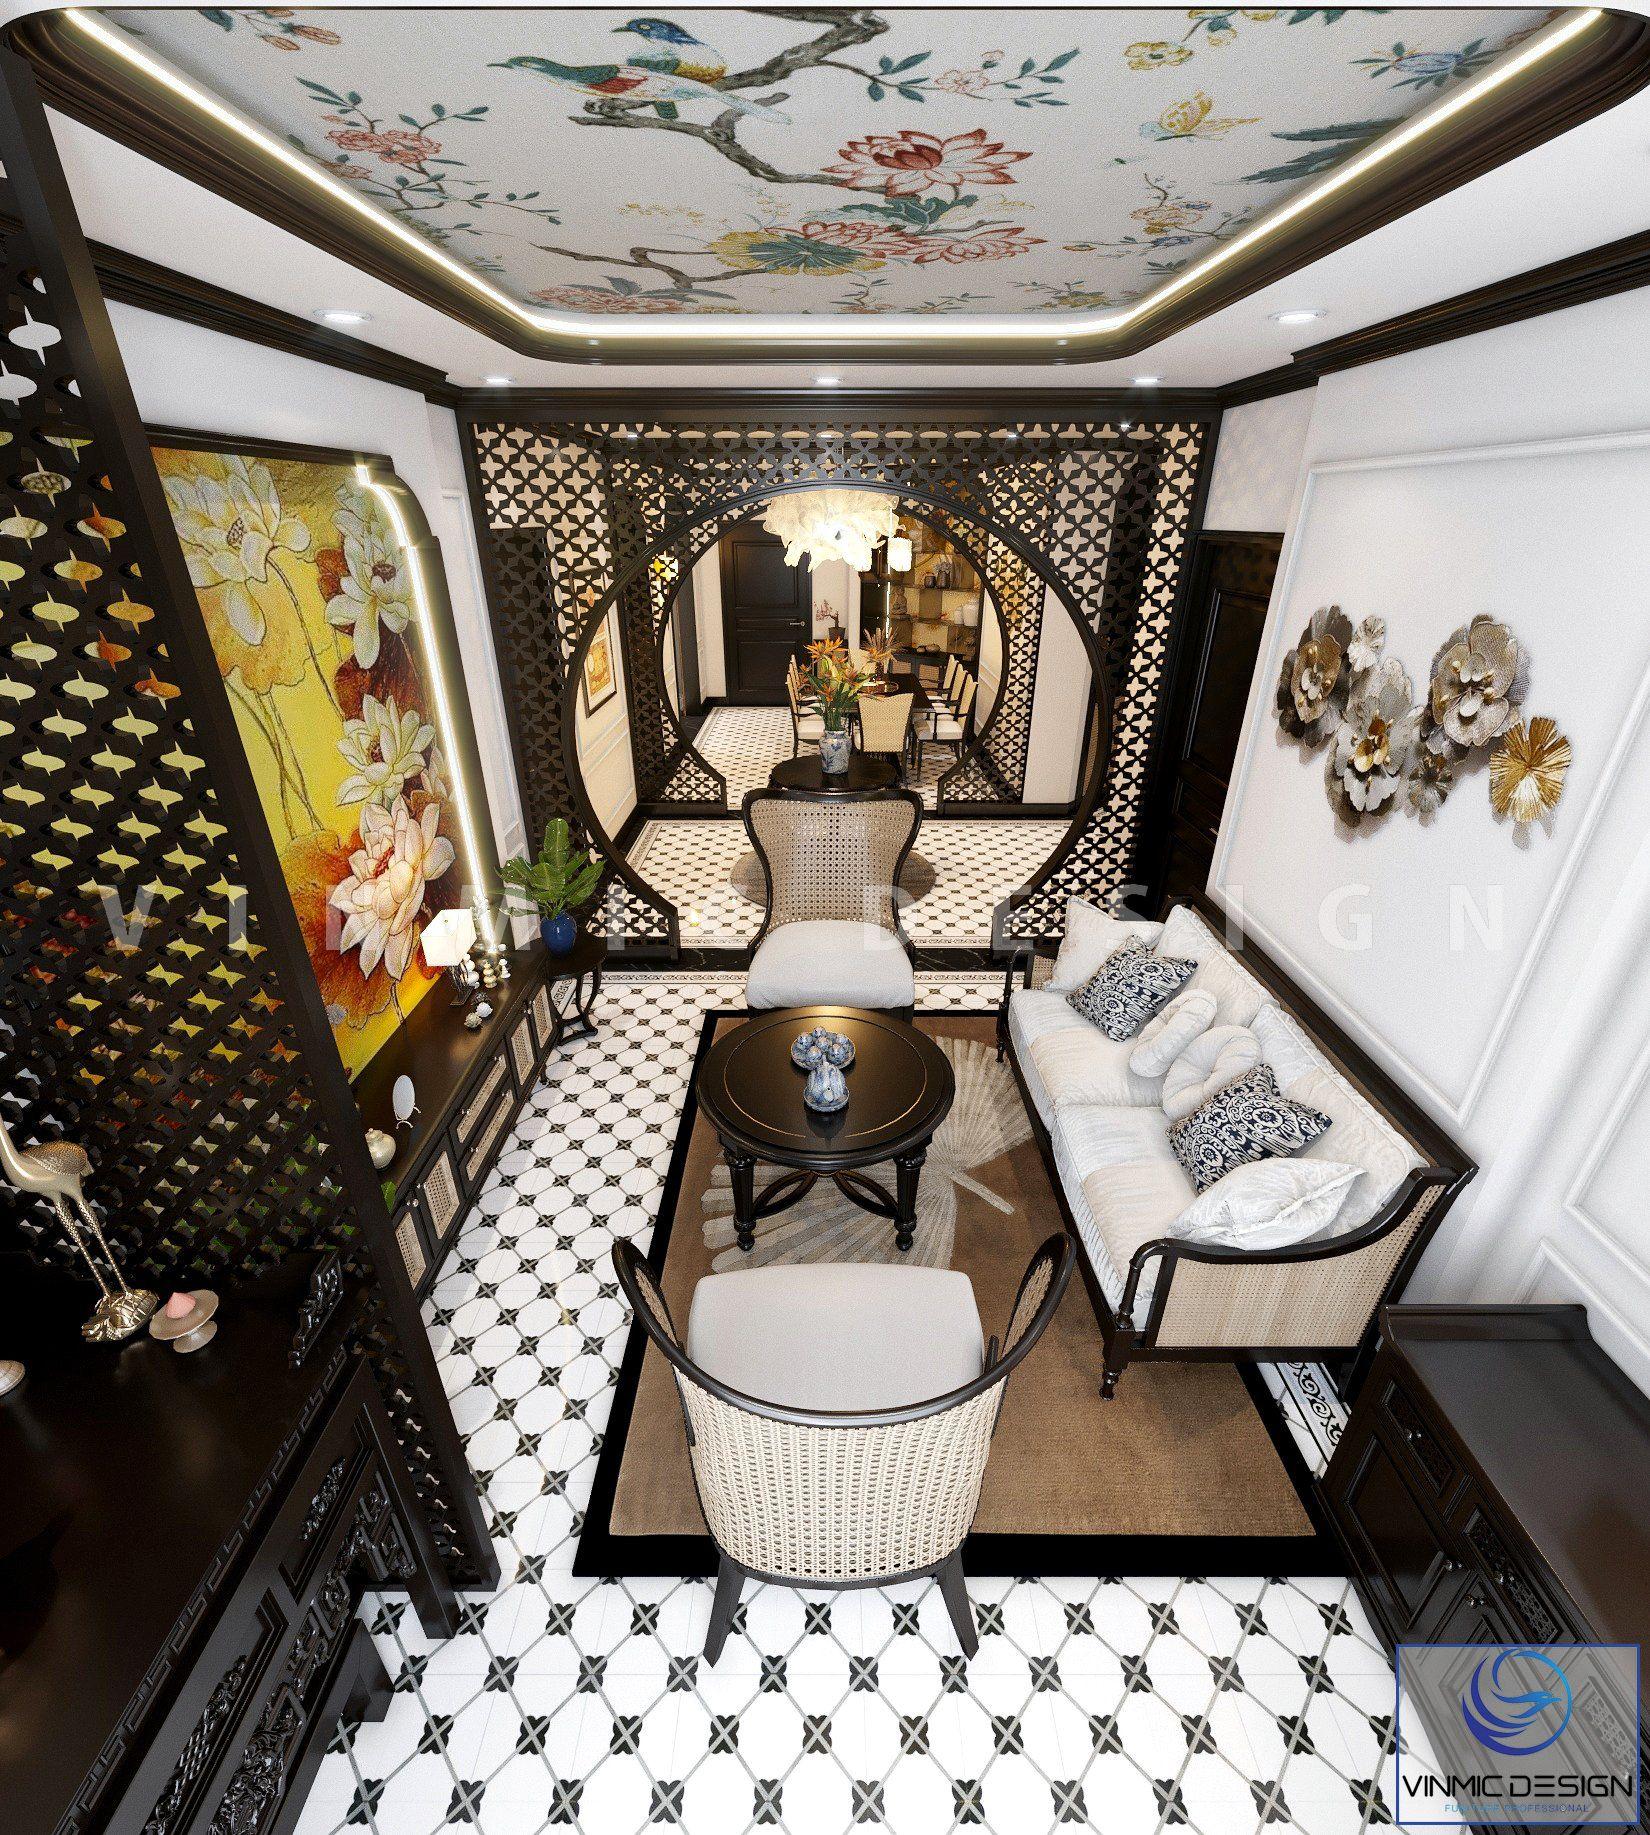 Không gian mở với hướng thiết kế liên kết, nối liền ấn tượng mang đậm chất Indochine tại căn hộ Sunshine Garden